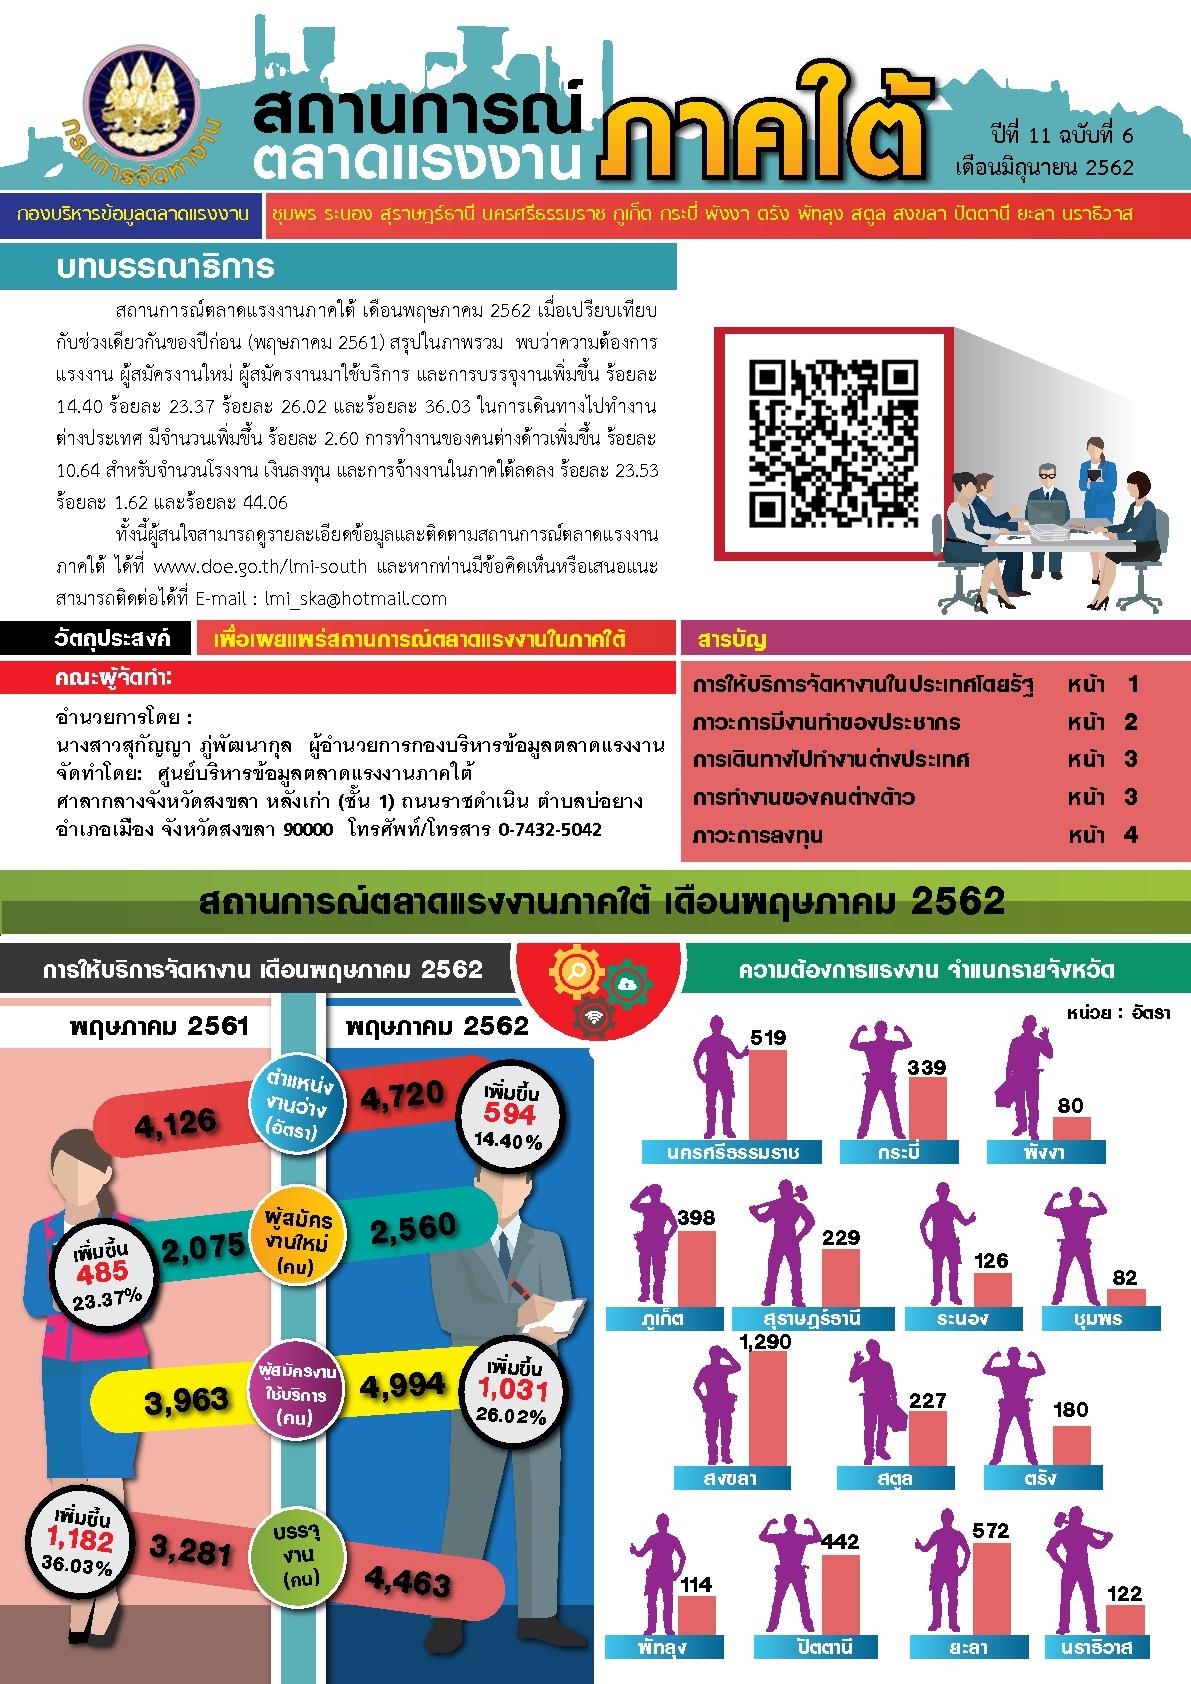 วารสารสถานการณ์ตลาดแรงงานภาคใต้ ปีที่ 11 ฉบับที่ 6 เดือนมิถุนายน 2562